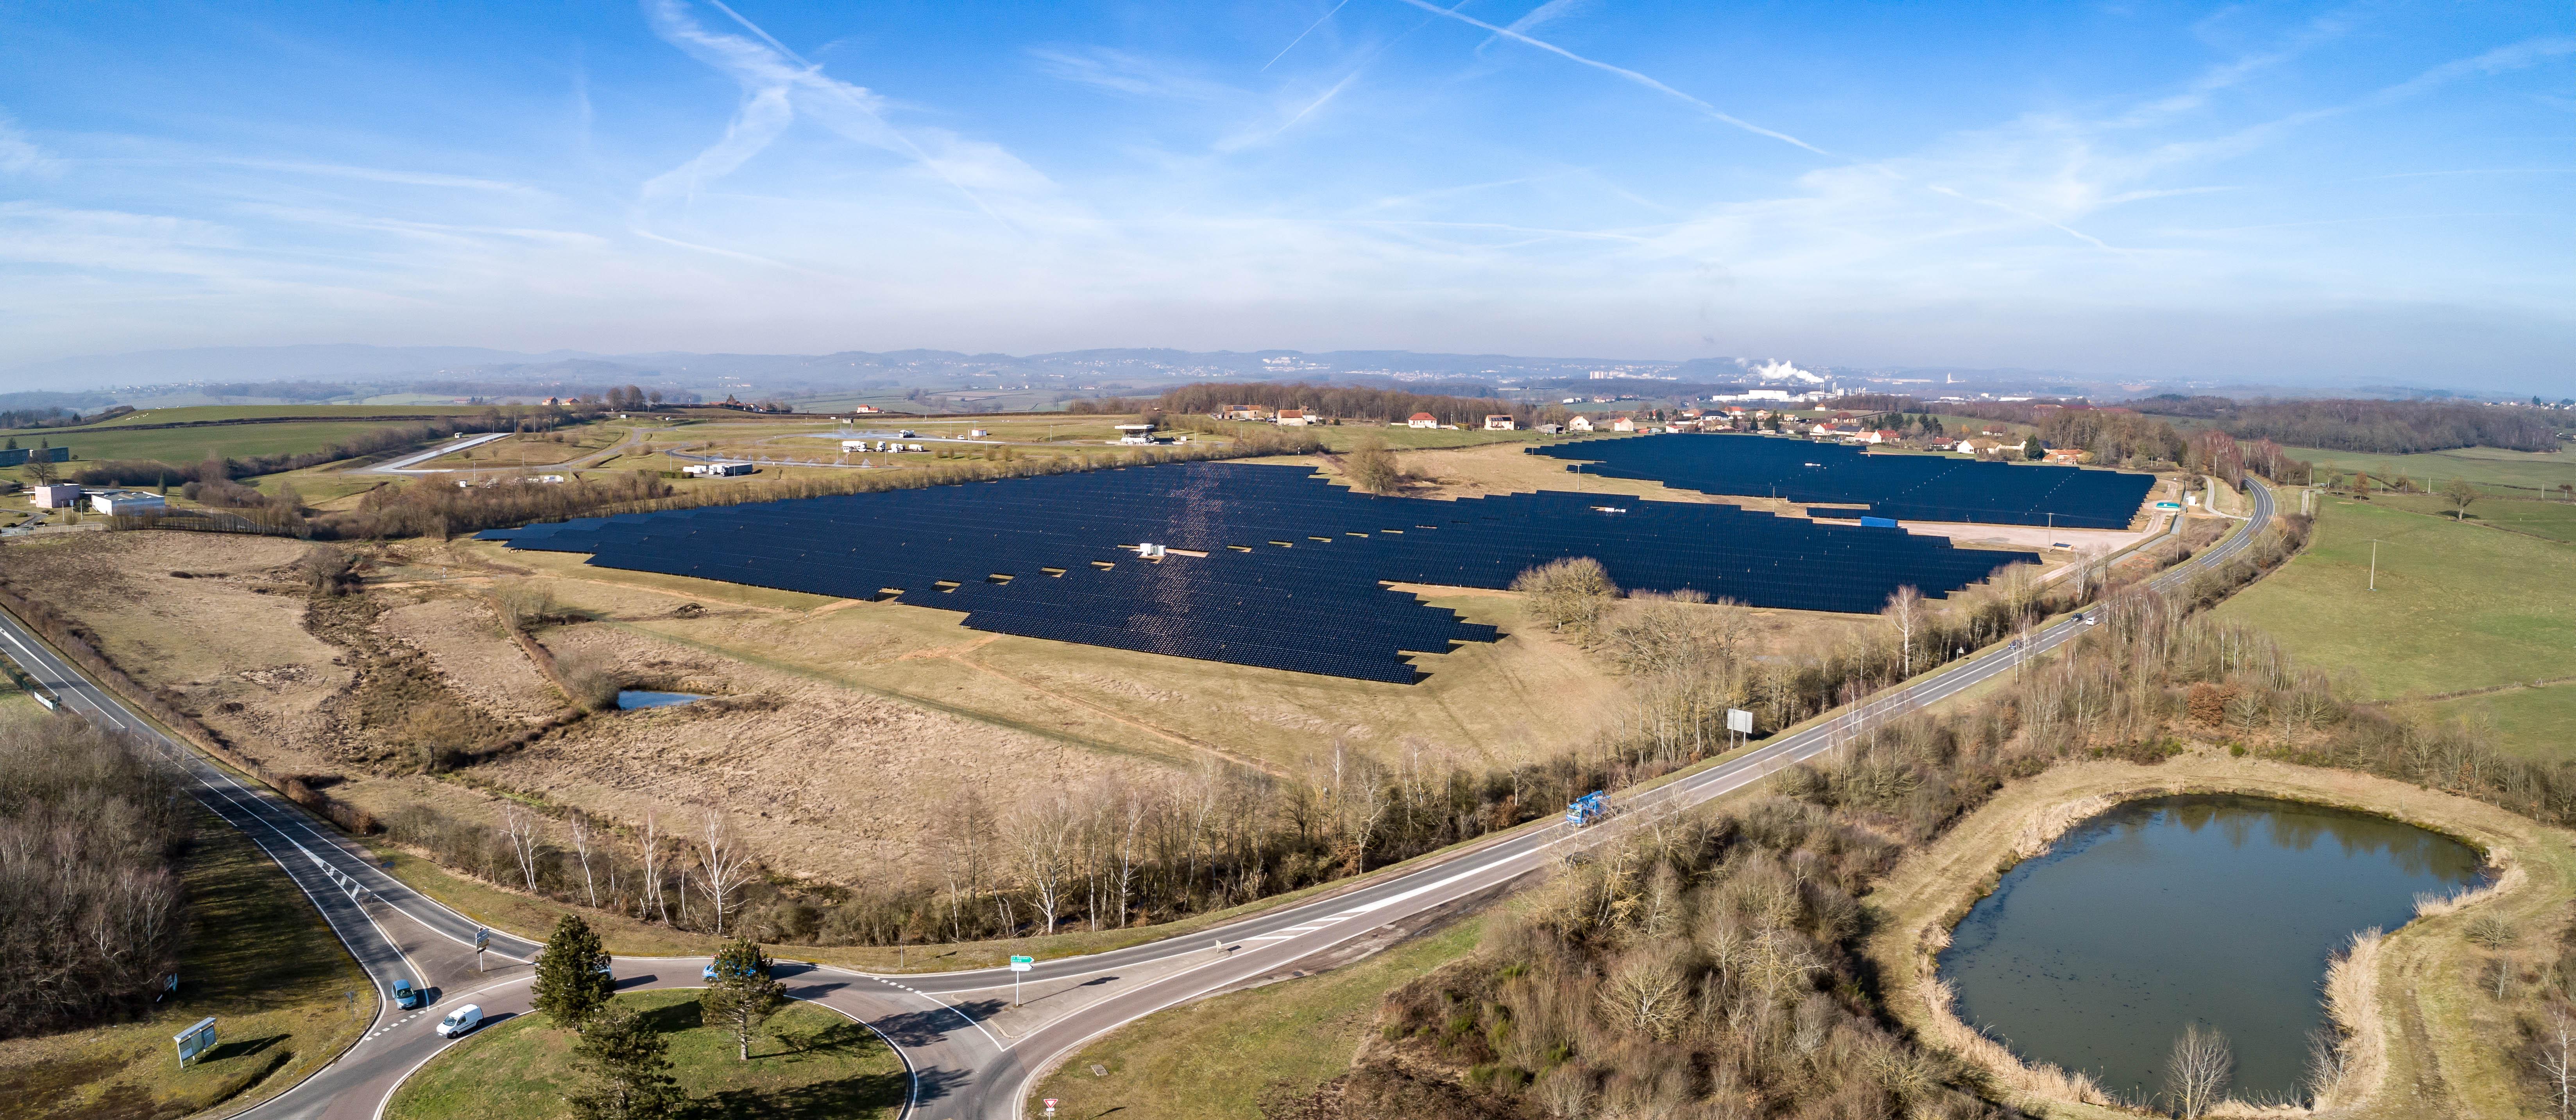 JPee et la Banque des Territoires mettent en service la 2ème plus grande centrale solaire de Bourgogne-Franche-Comté